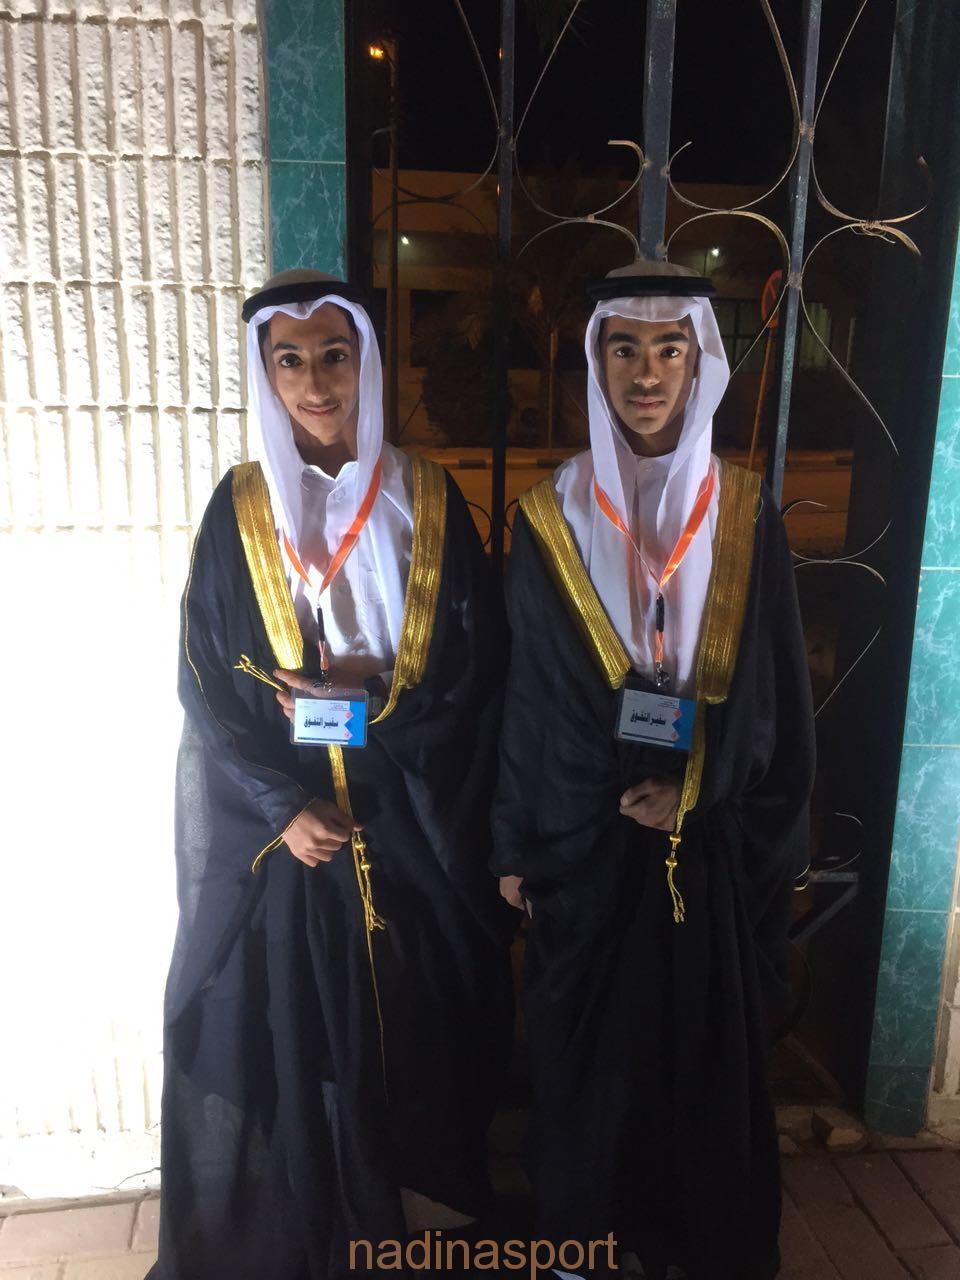 الطالب عبدالملك الاحمد يكرم وسط حضور شخصيات كبيرة